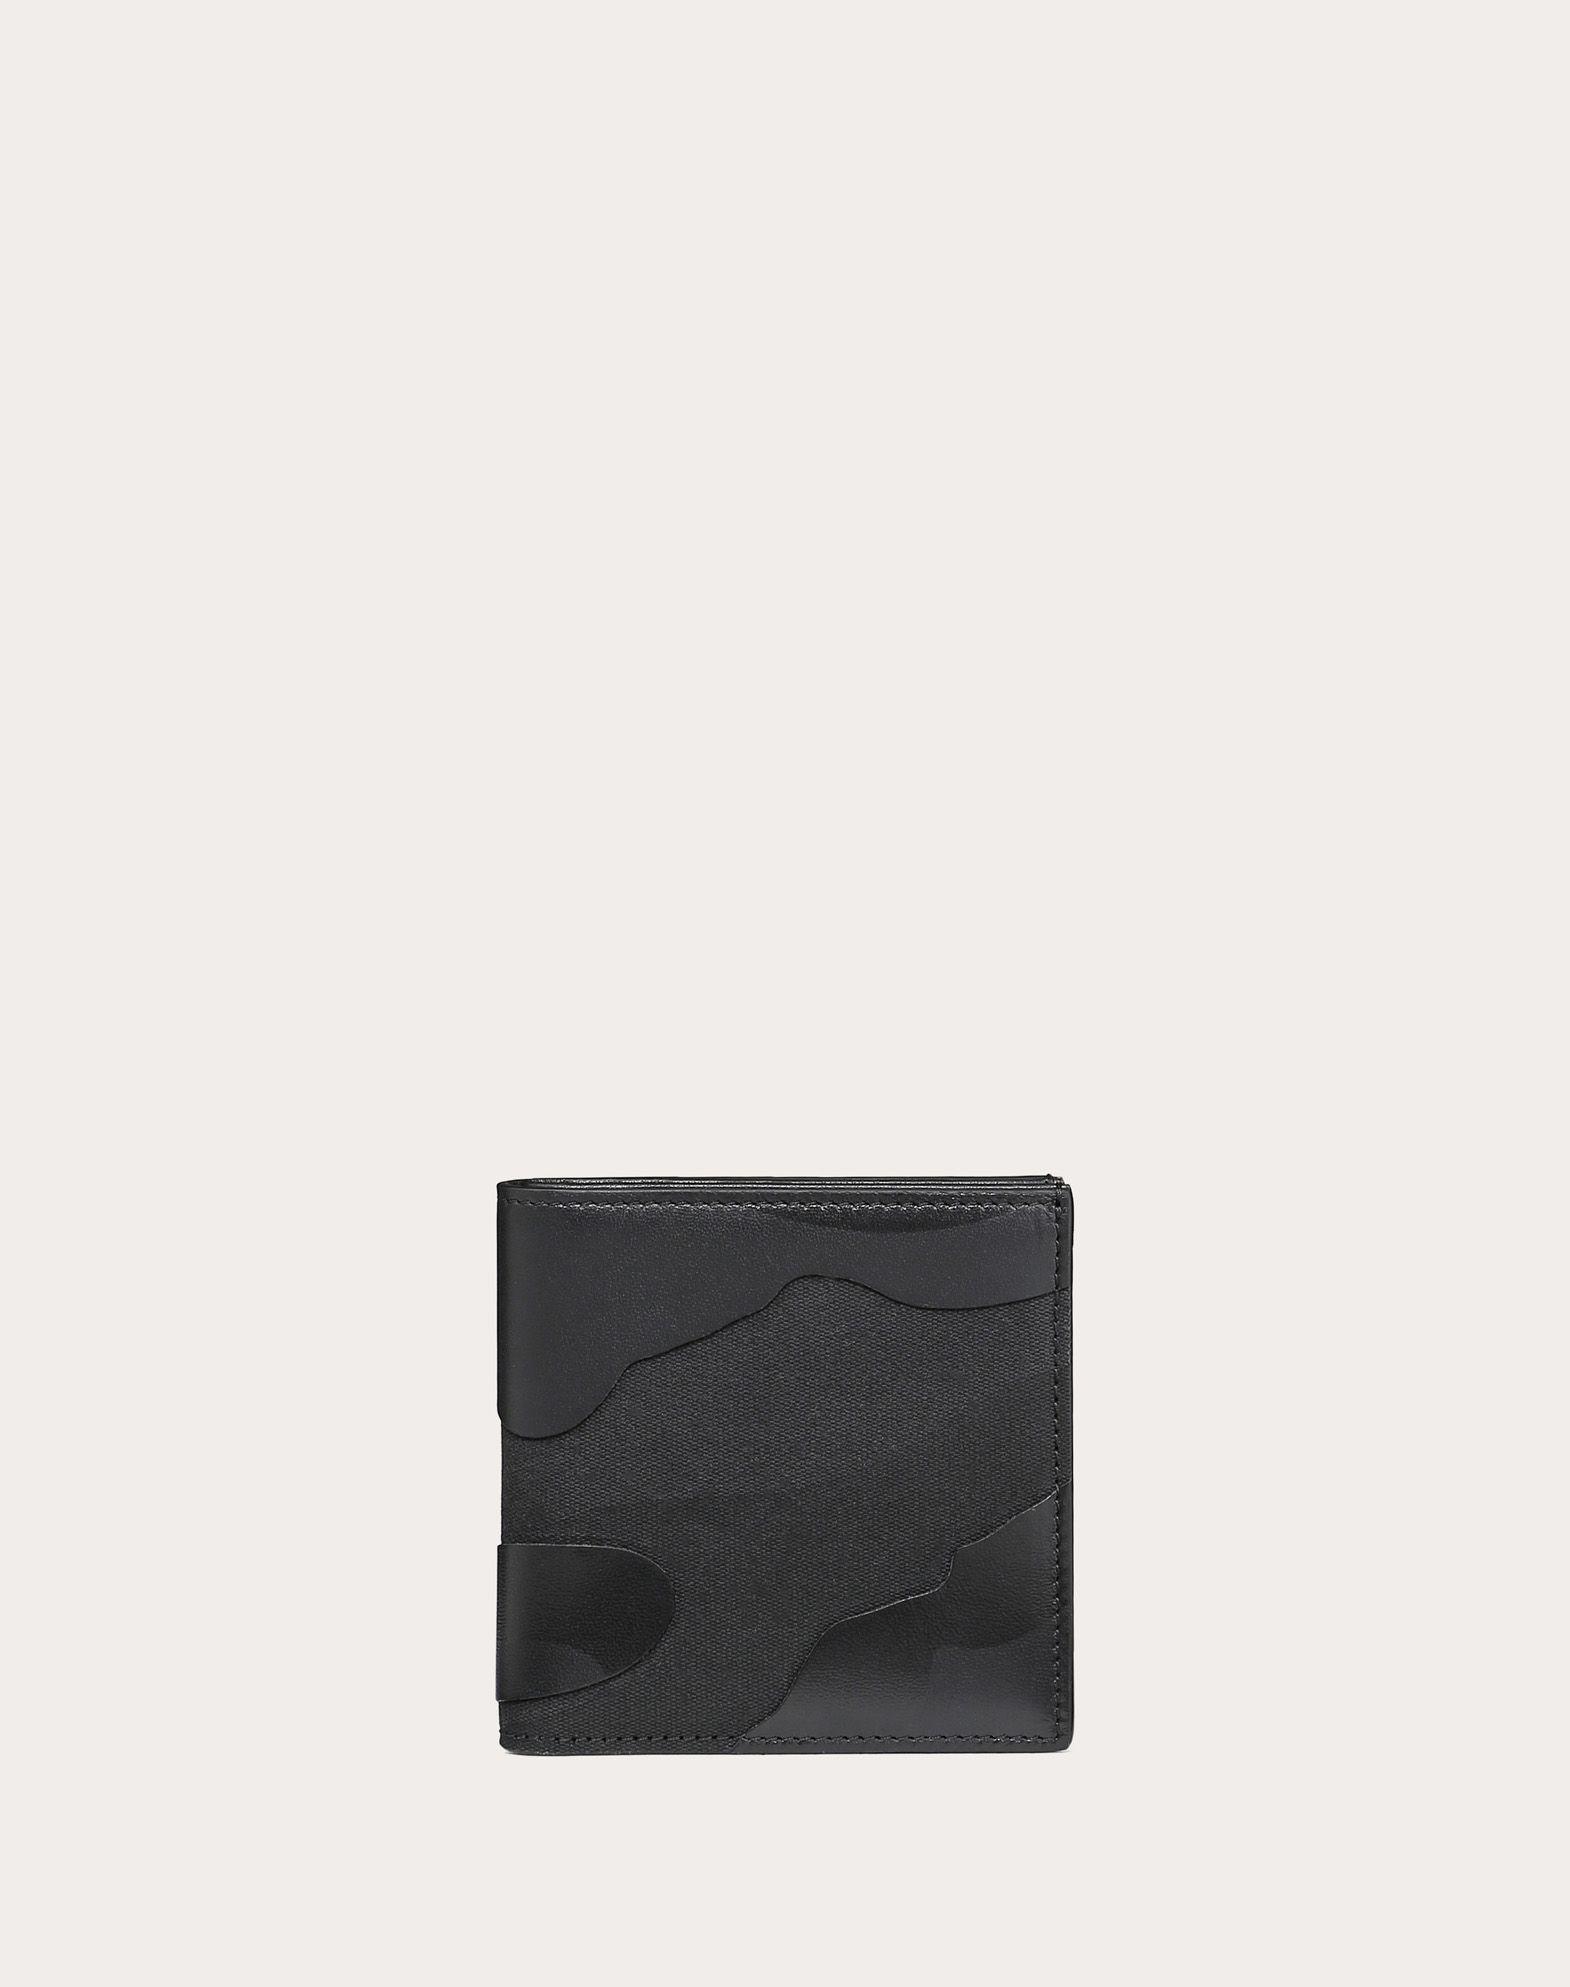 Бумажник Noir с камуфляжным мотивом